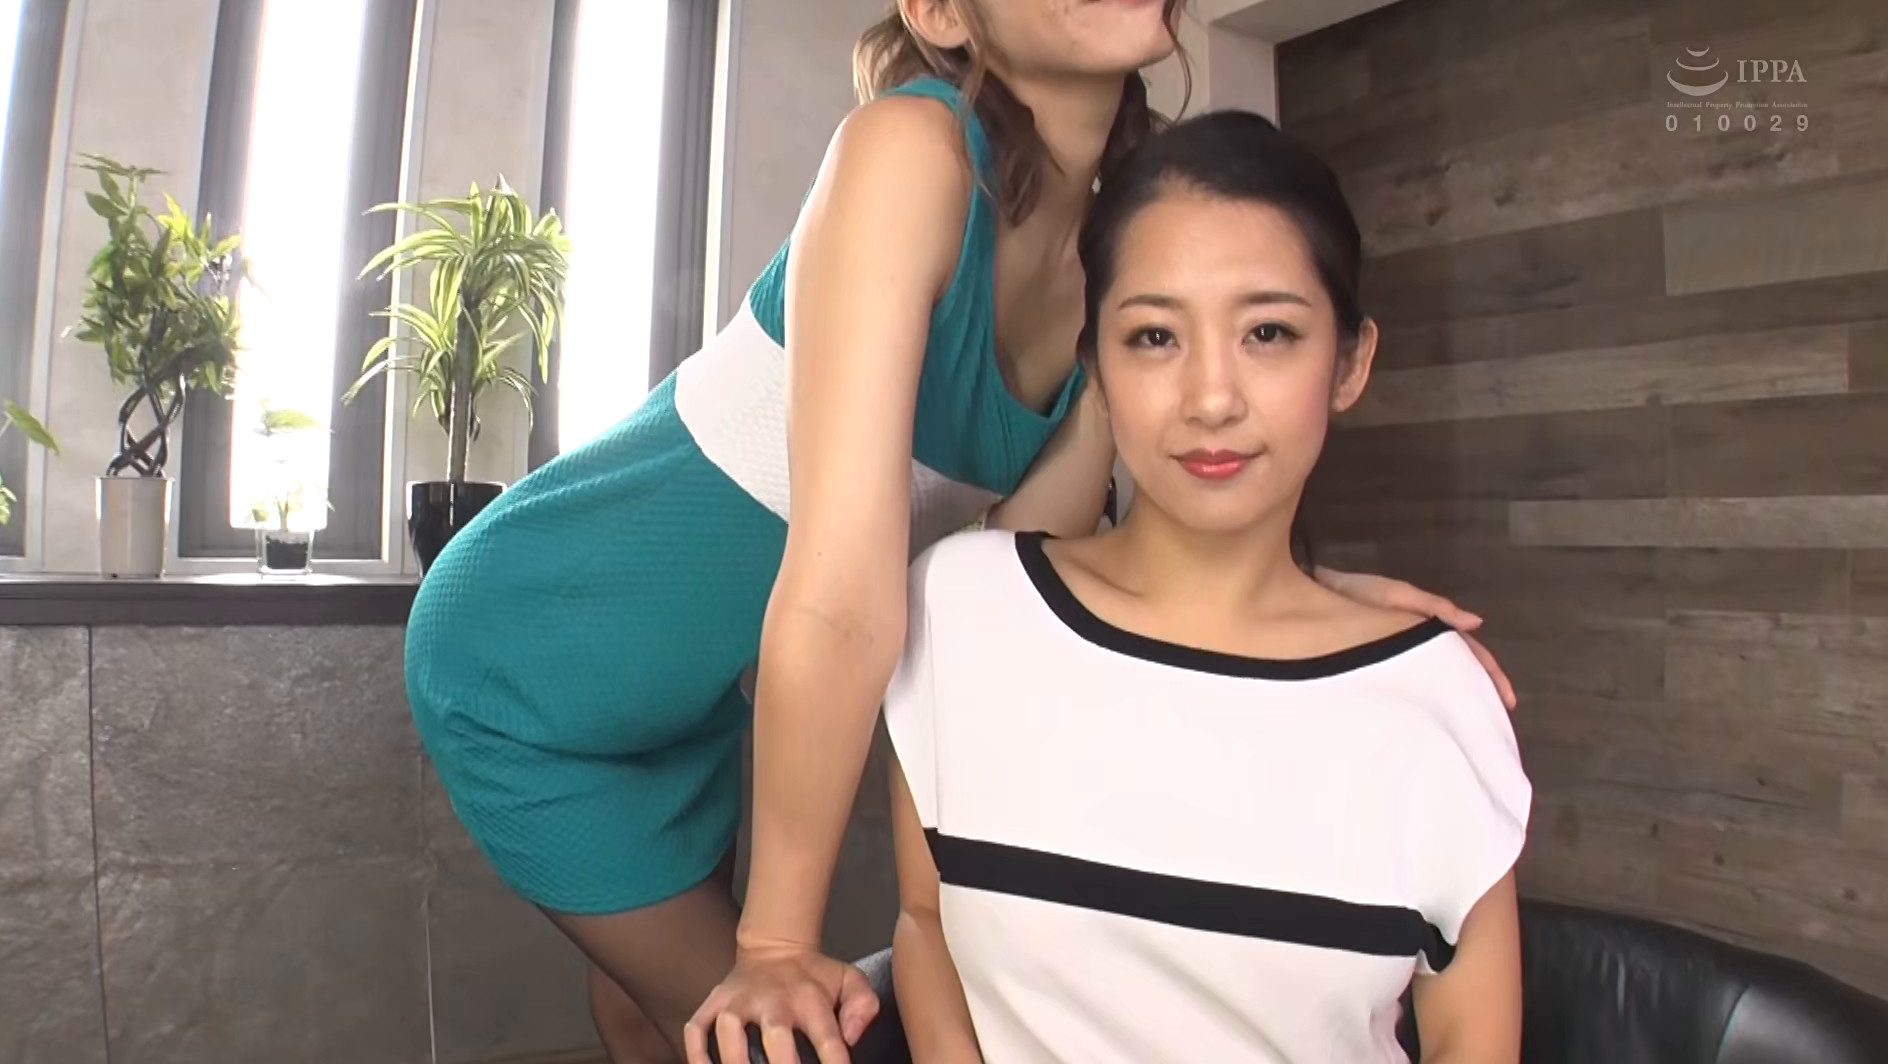 両手使って雑巾絞り手コキされながら乳首舐めて愛撫され続ける《乳首舐め手こき》の2倍気持ち良い3P性感 画像1